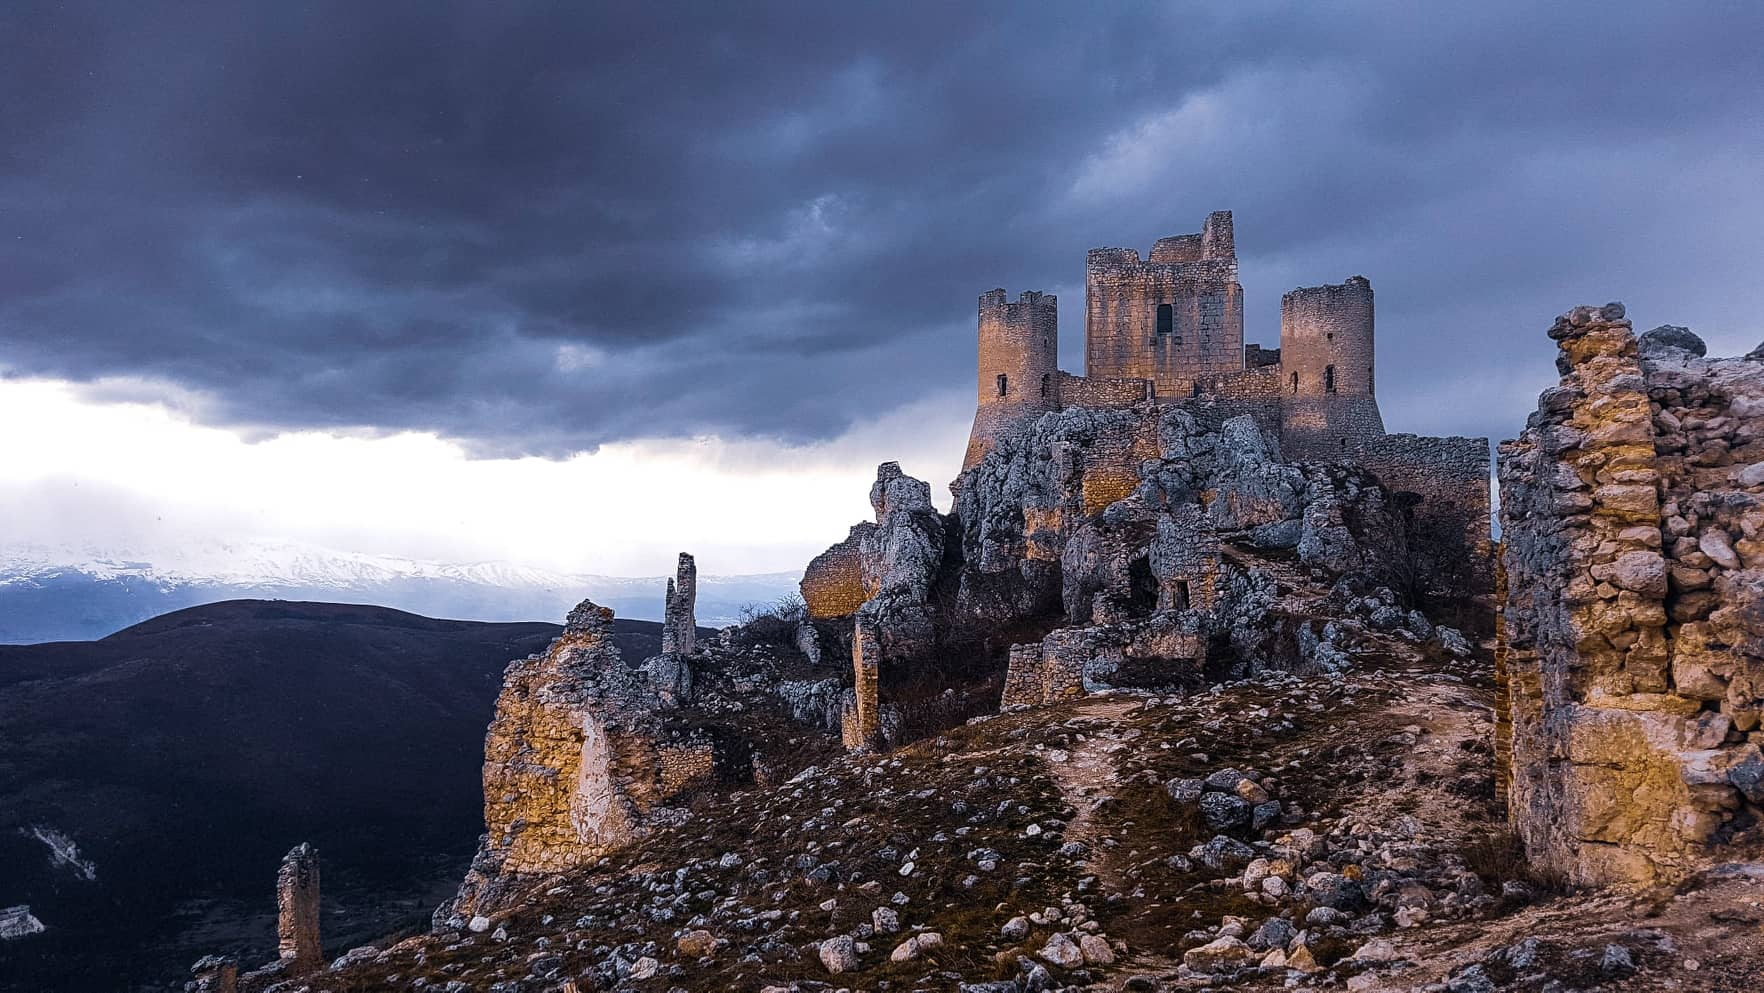 Il Castello di Rocca Calascio.